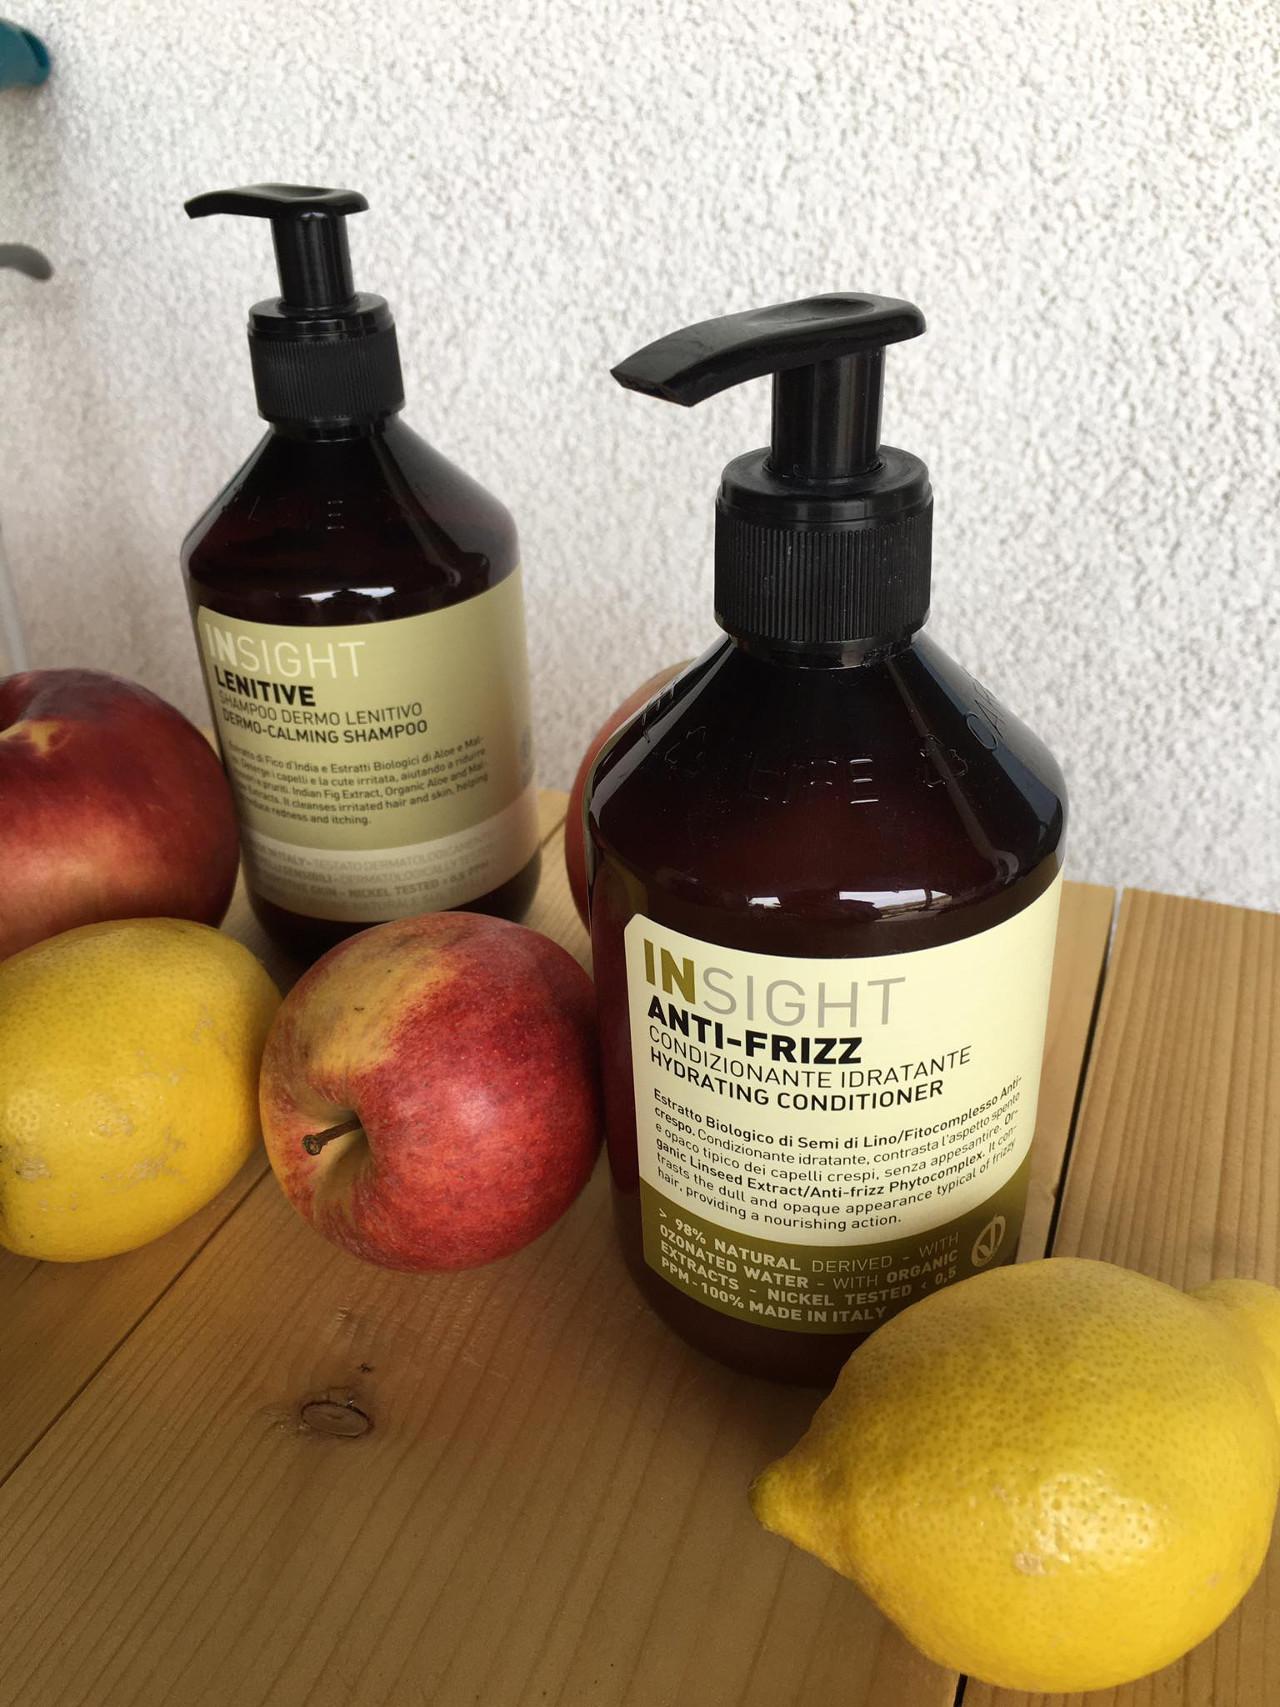 Kosmetyki do pielęgnacji włosów od marki INSIGHT.